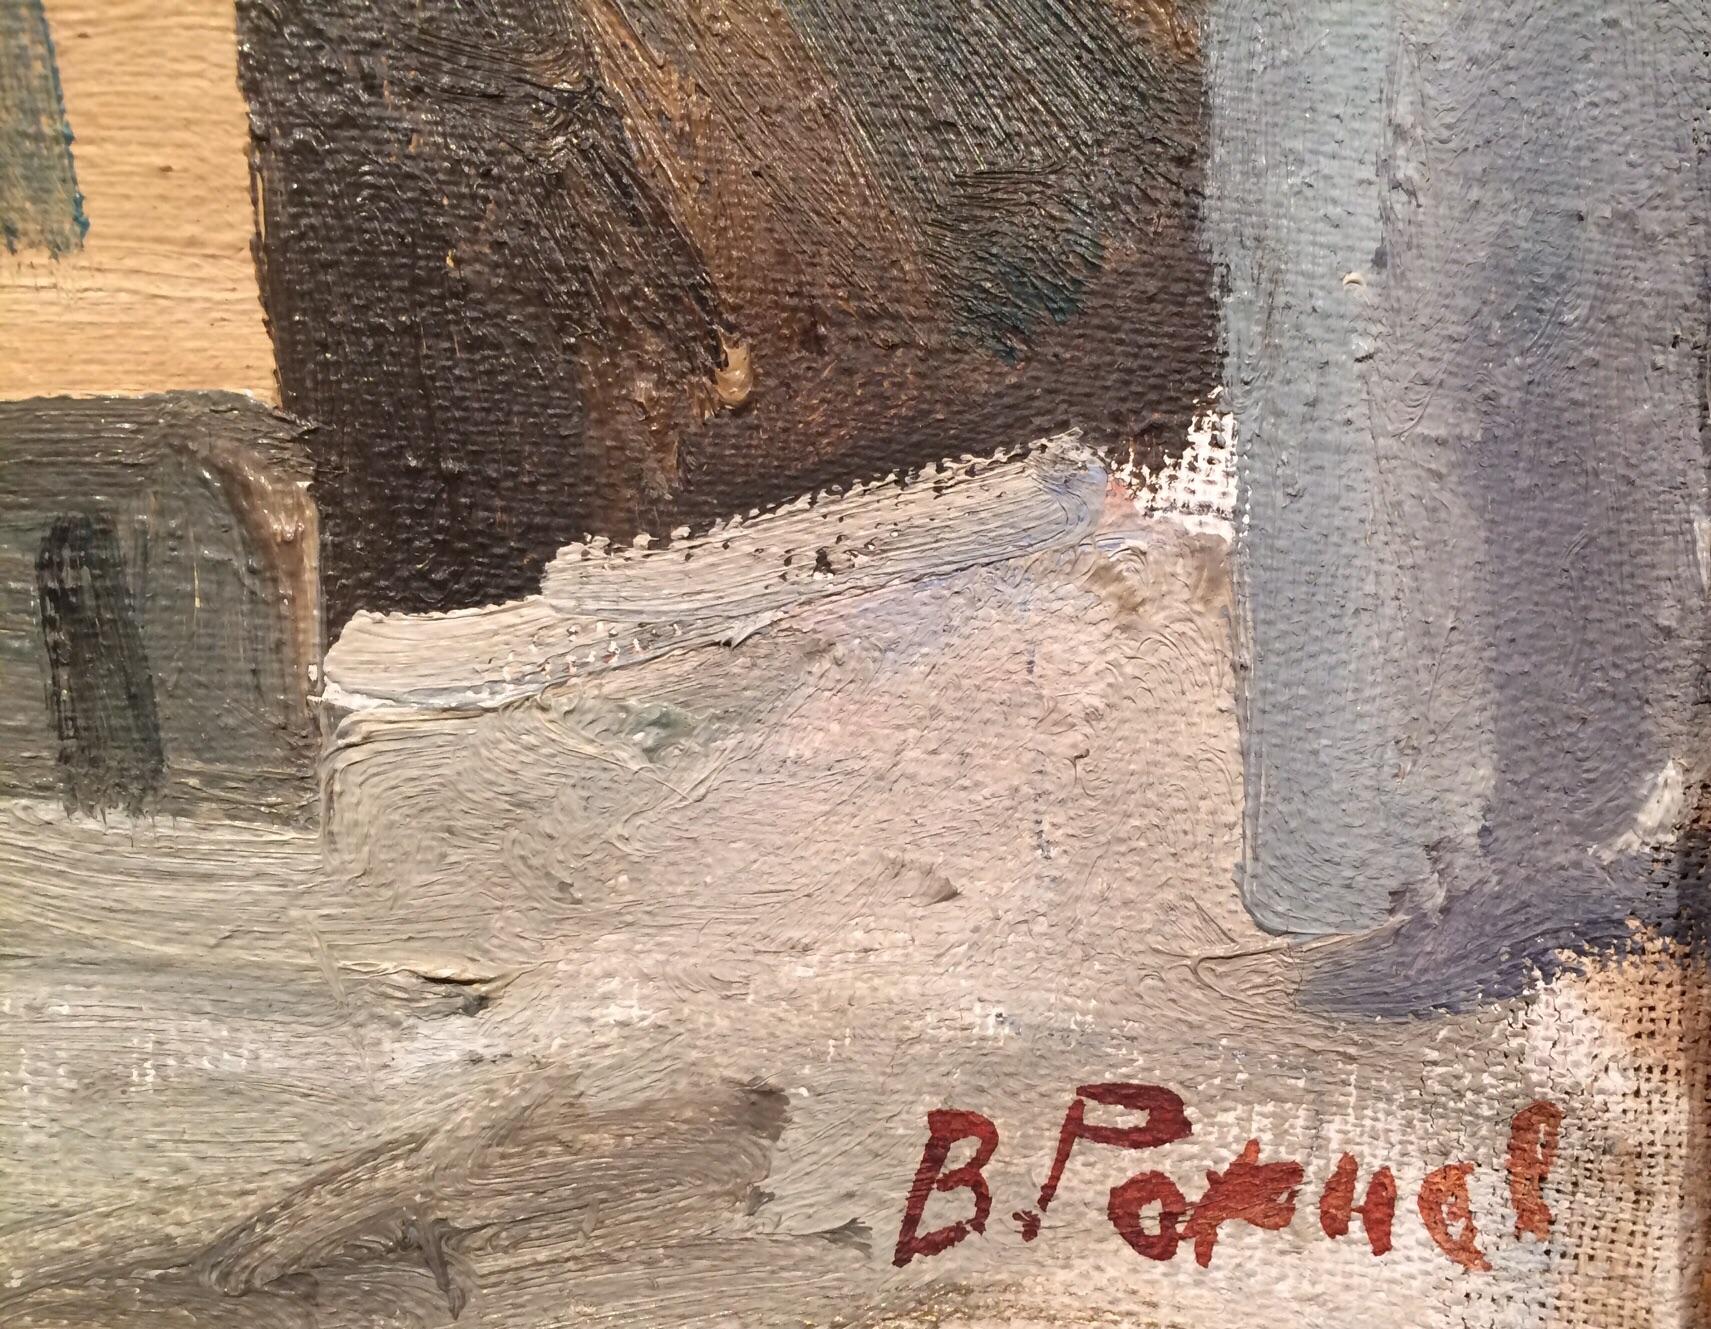 Подпись. Рожнев Владислав Валентинович. Бахчисарай. Сухое дерево